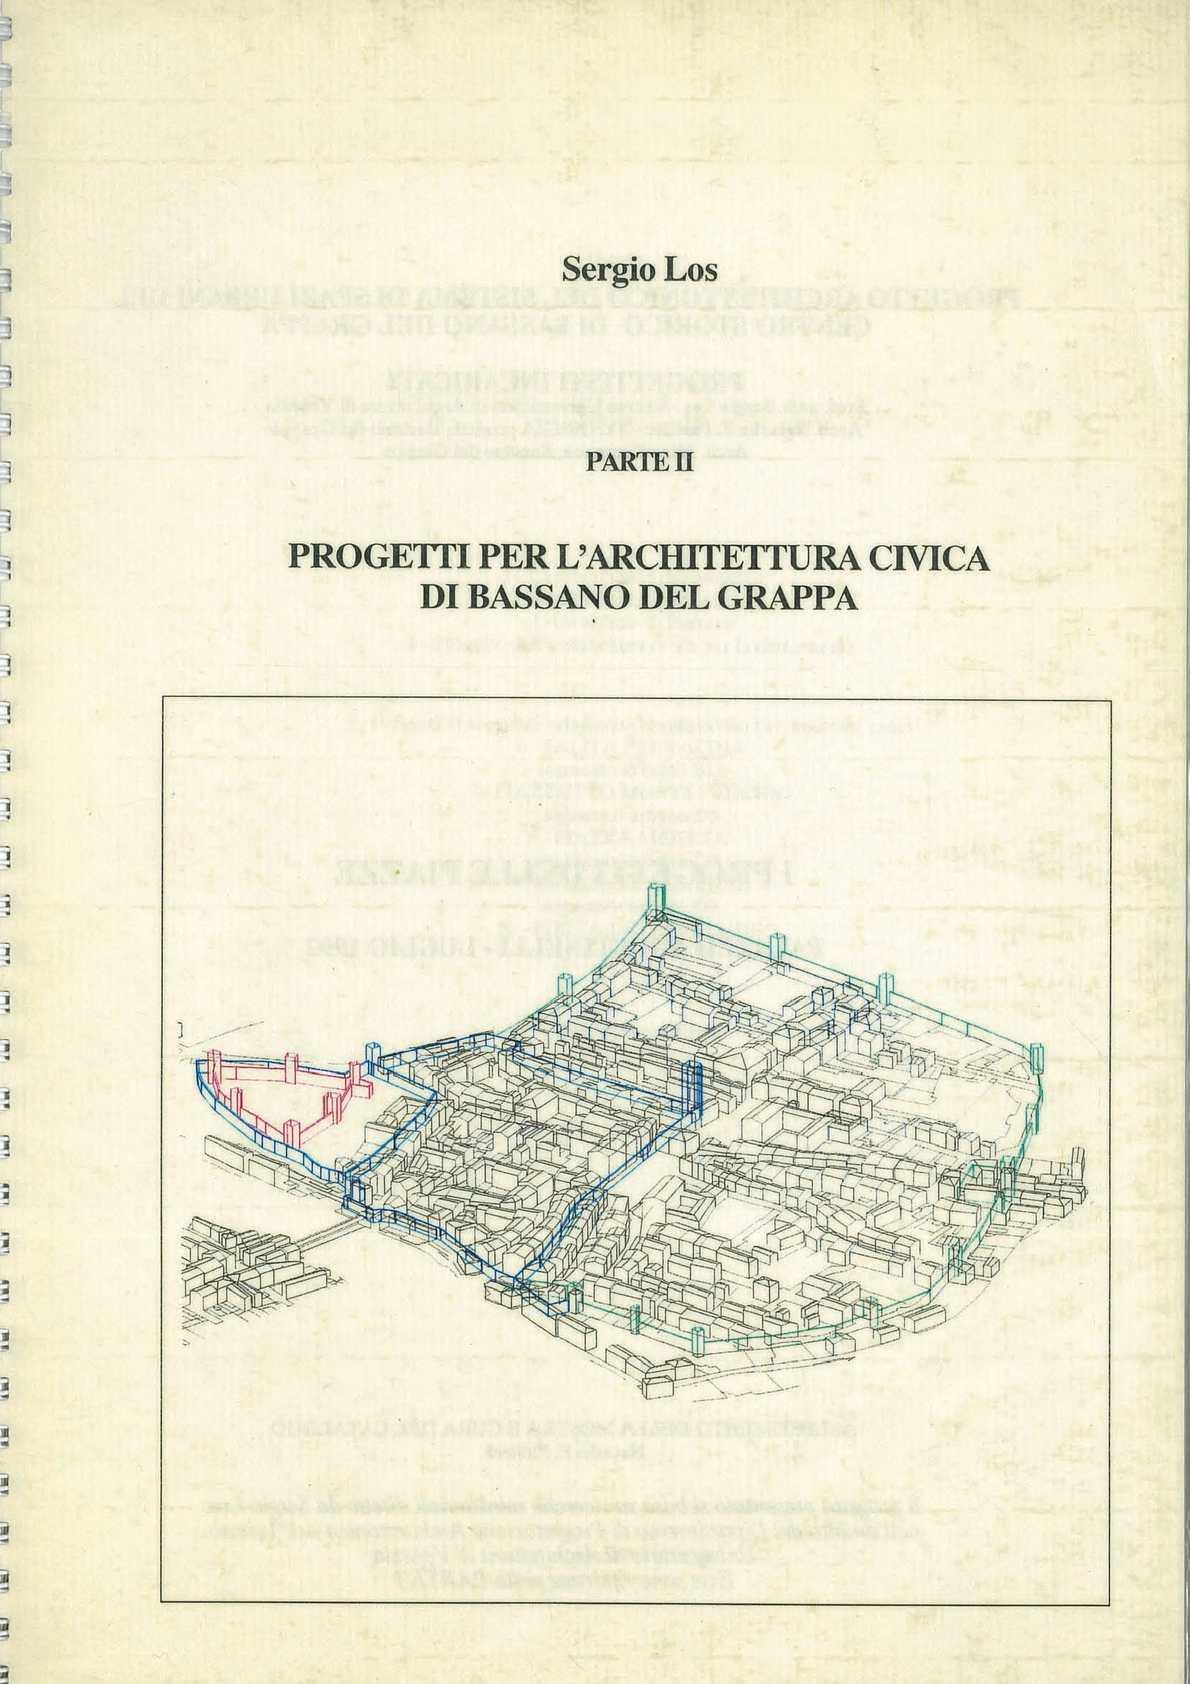 PROGETTI PER L'ARCHITETTURA CIVICA DI BASSANO DEL GRAPPA